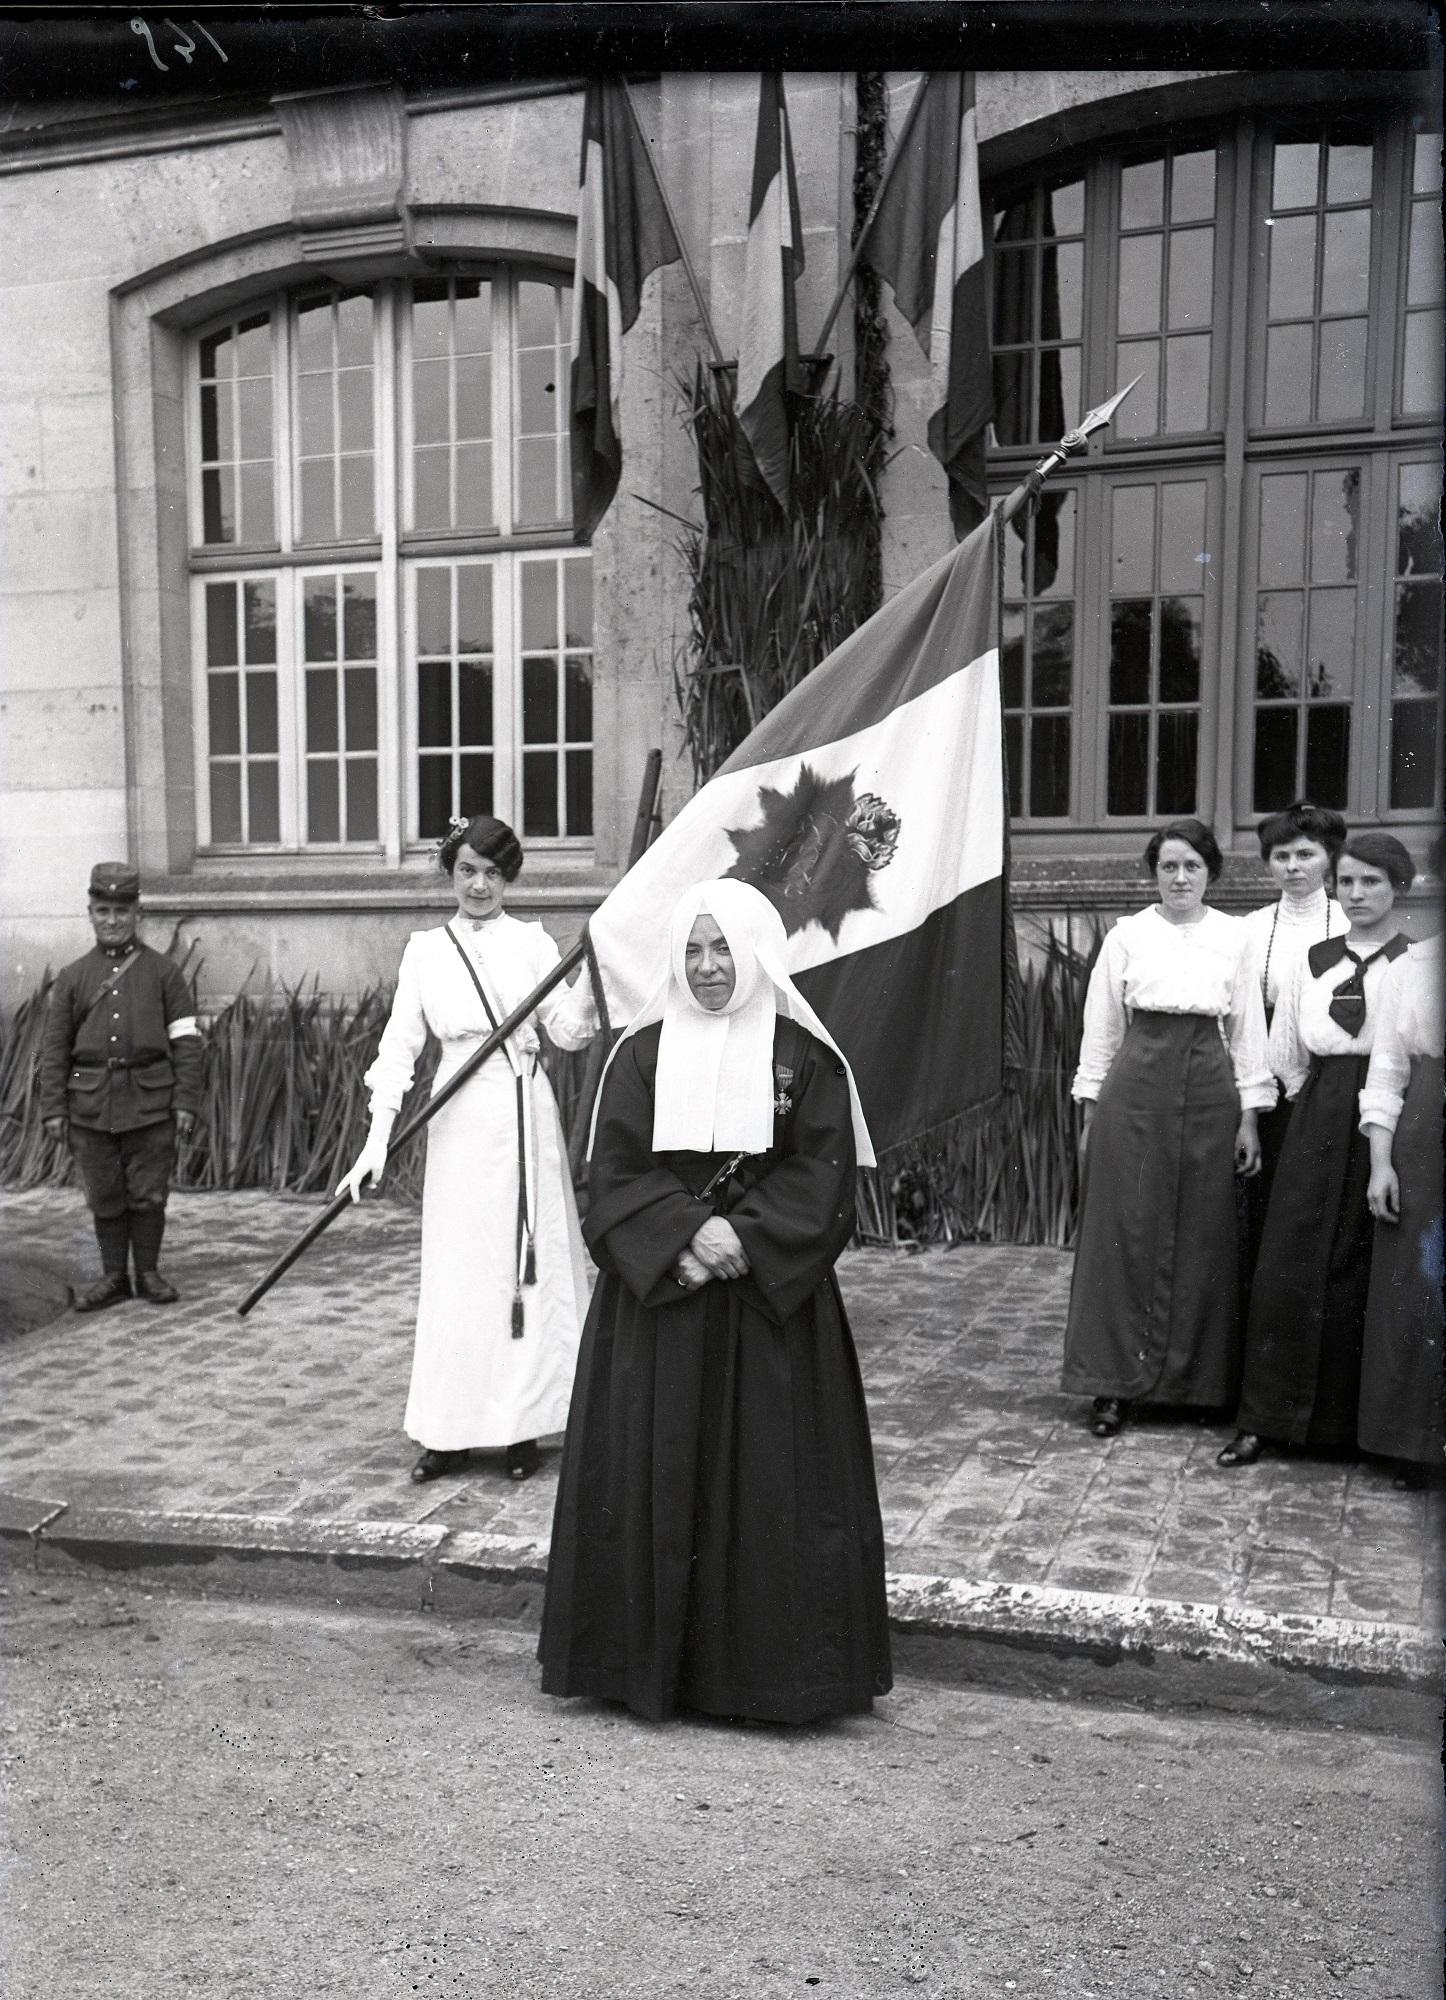 Remise de la Croix de Guerre à la Supérieure de Soissons